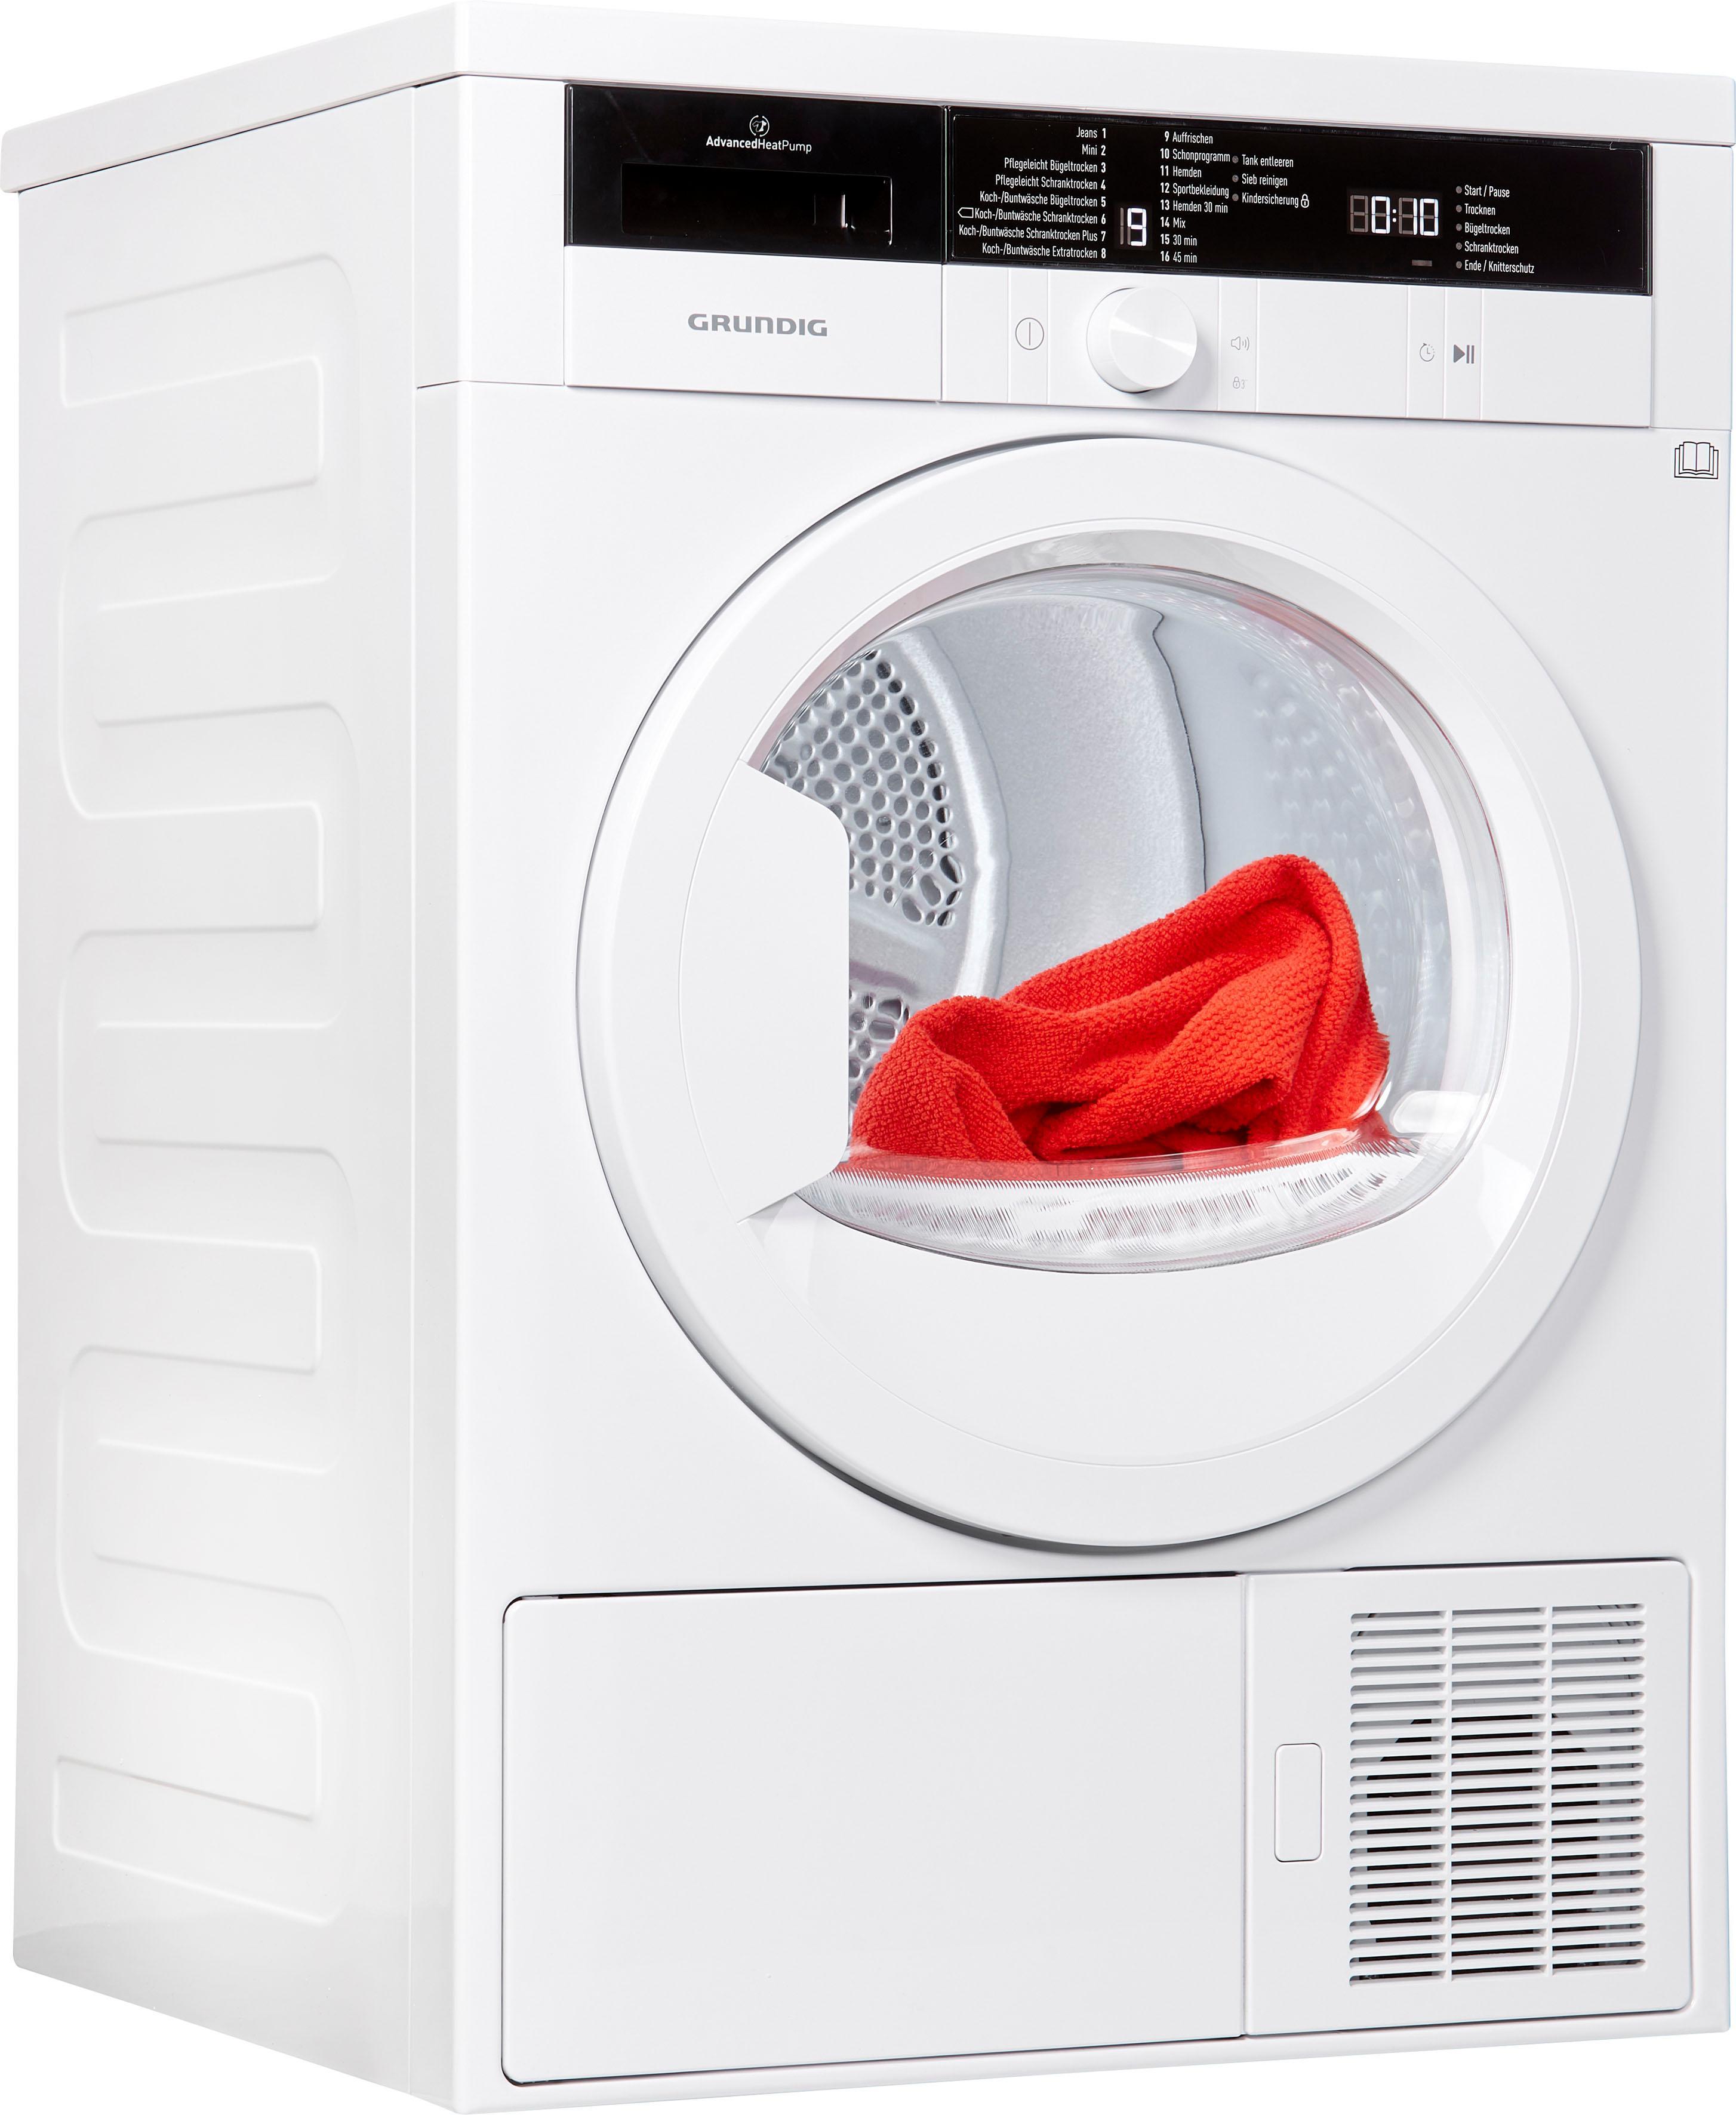 Grundig Wärmepumpentrockner GTN 28250 MG, 8 kg | Bad > Waschmaschinen und Trockner > Wärmepumpentrockner | Grundig